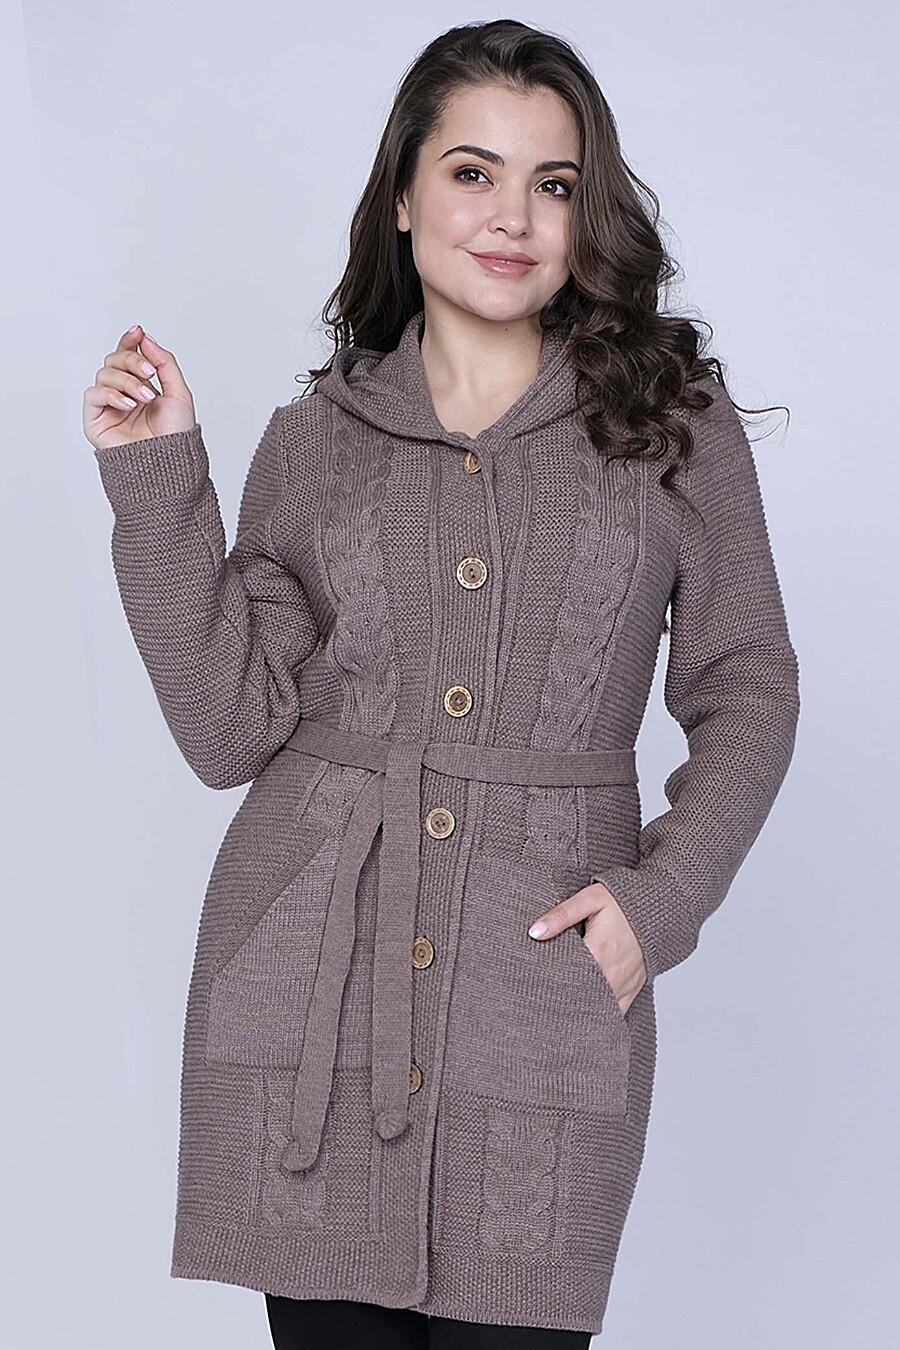 Кардиган для женщин ANKOLI 184449 купить оптом от производителя. Совместная покупка женской одежды в OptMoyo